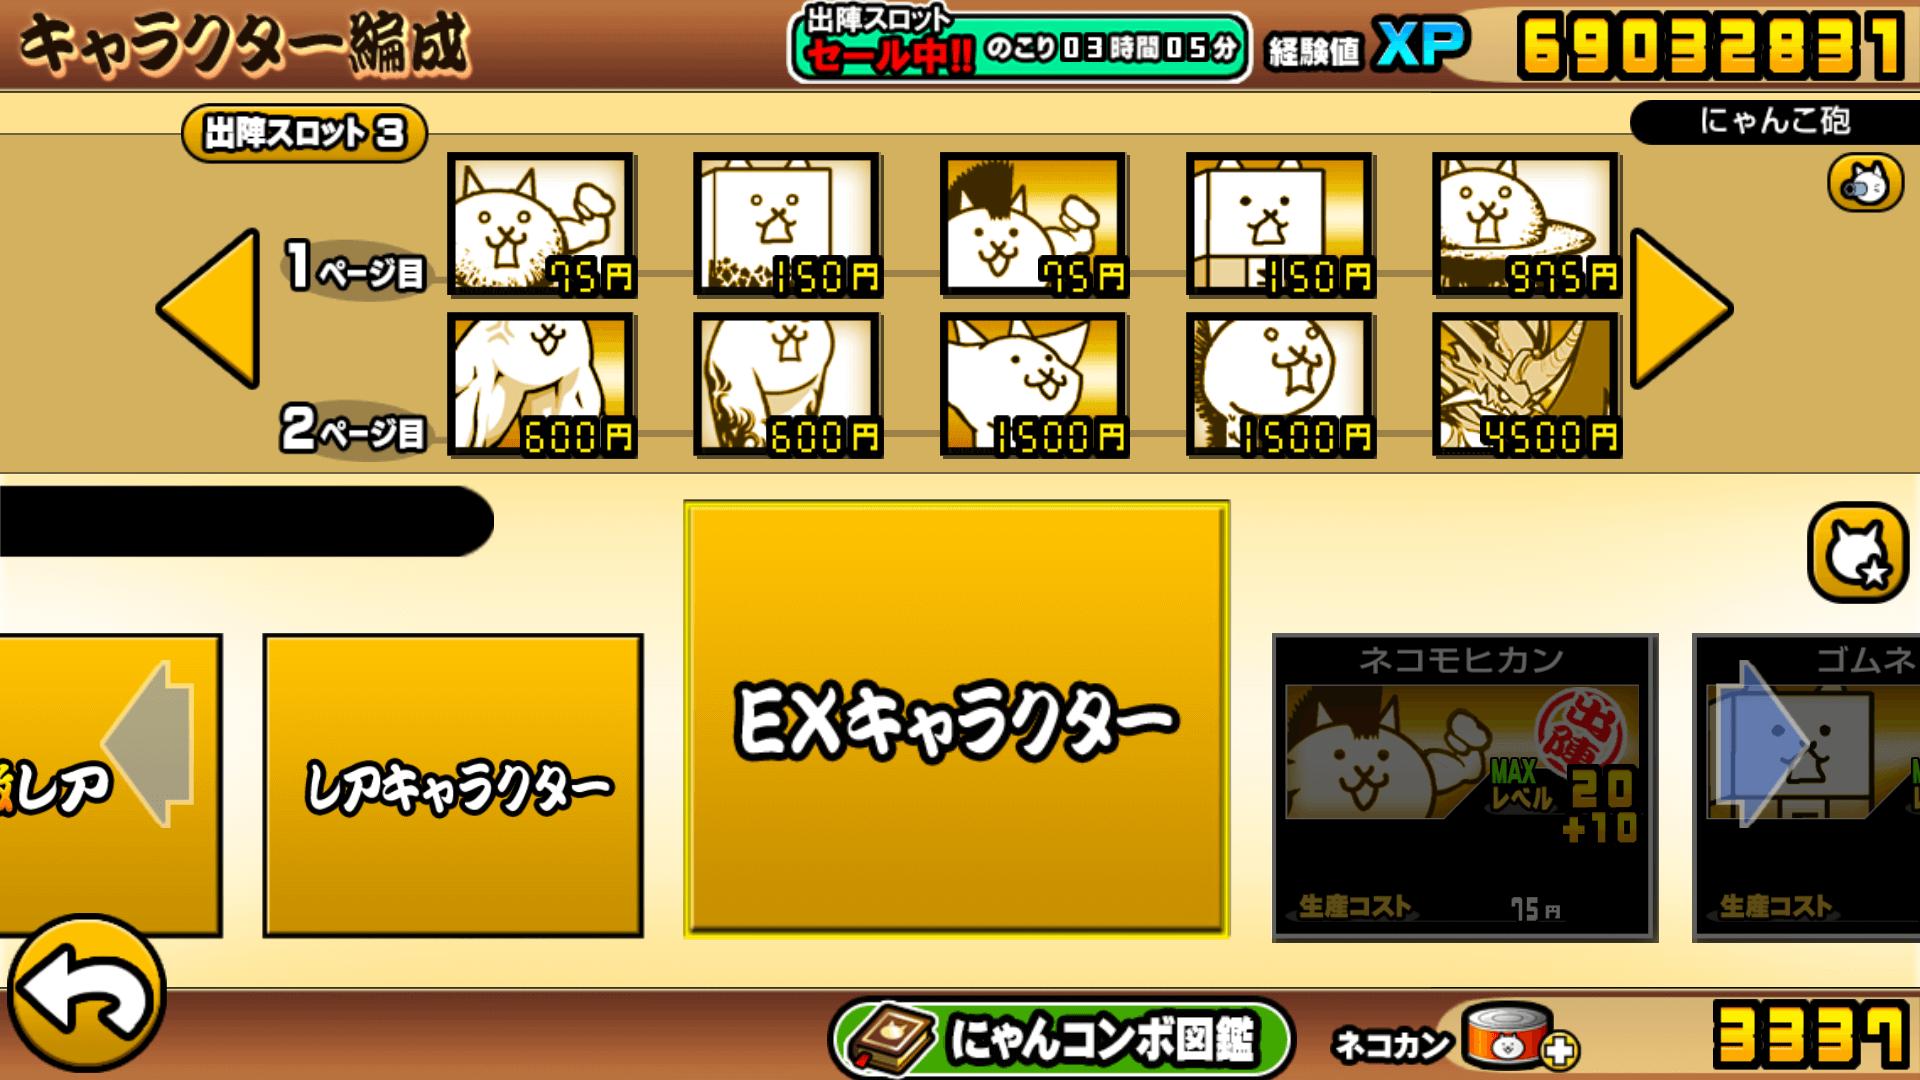 魔王の豪邸 冠1 オシャレVIPルームで使用したネコ